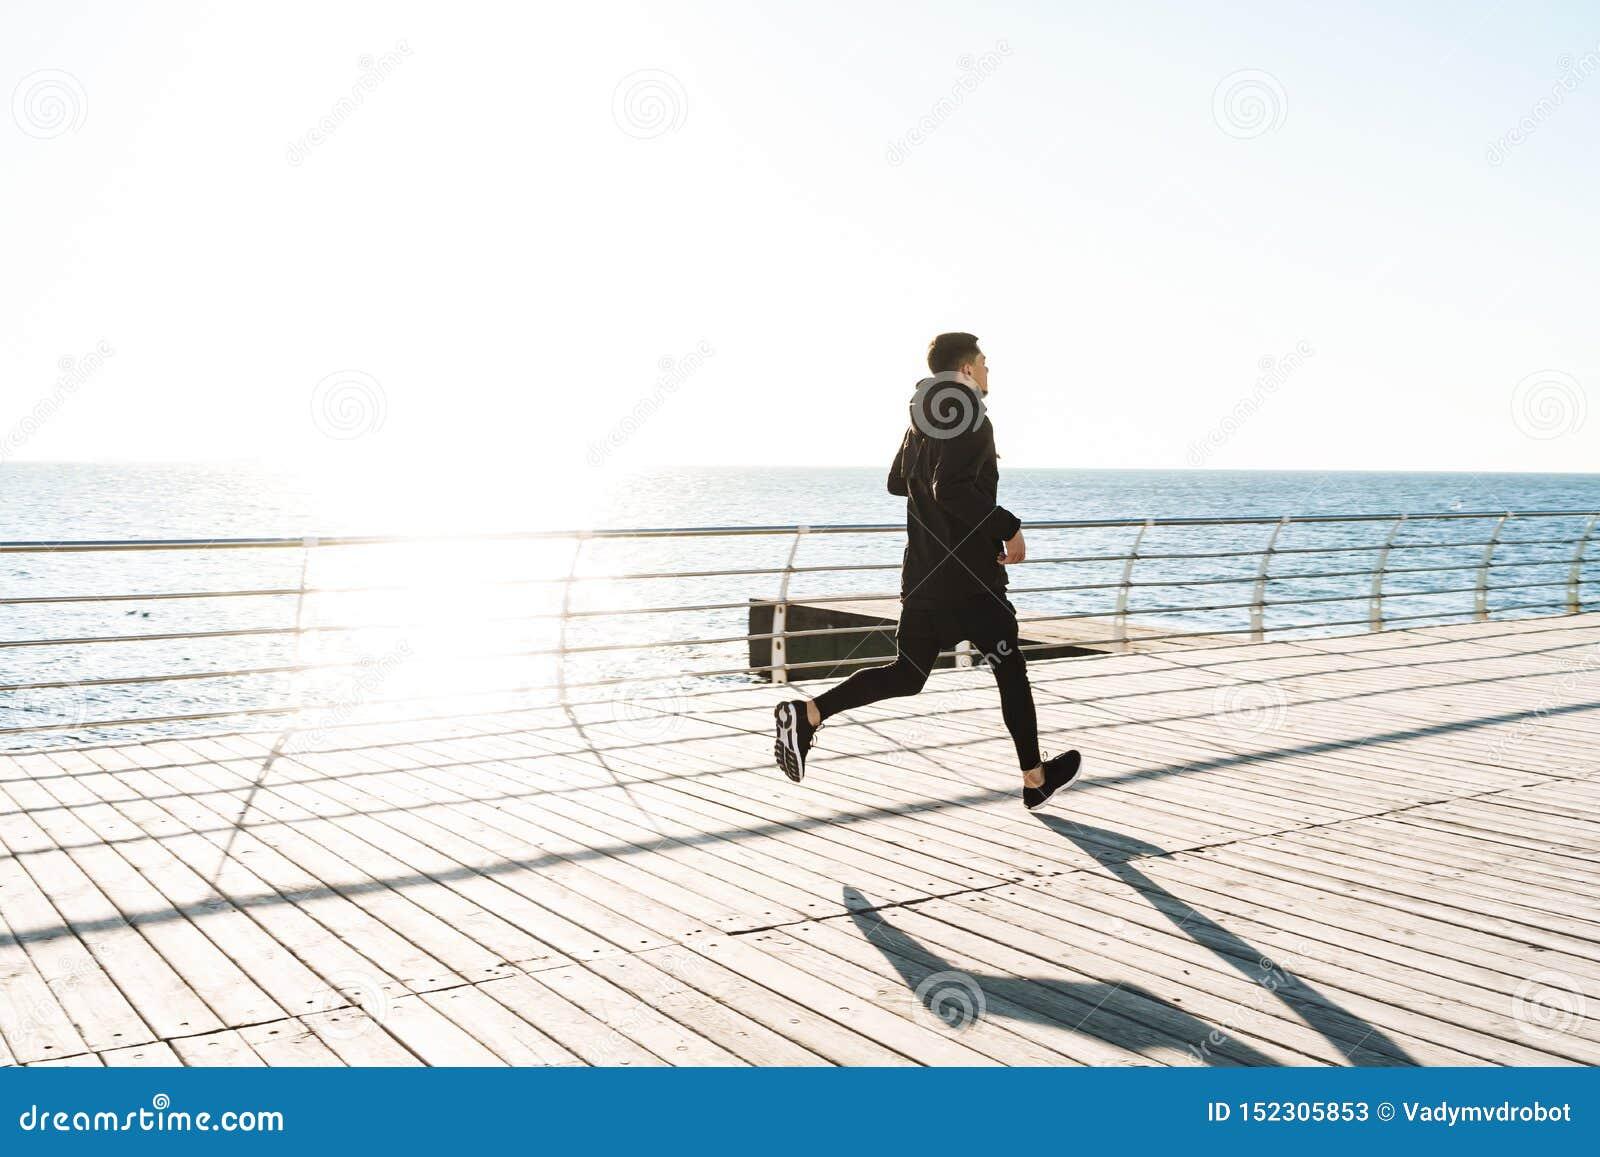 Foto del deportista sano que corre por la playa a lo largo del paseo marítimo de madera durante entrenamiento de la mañana